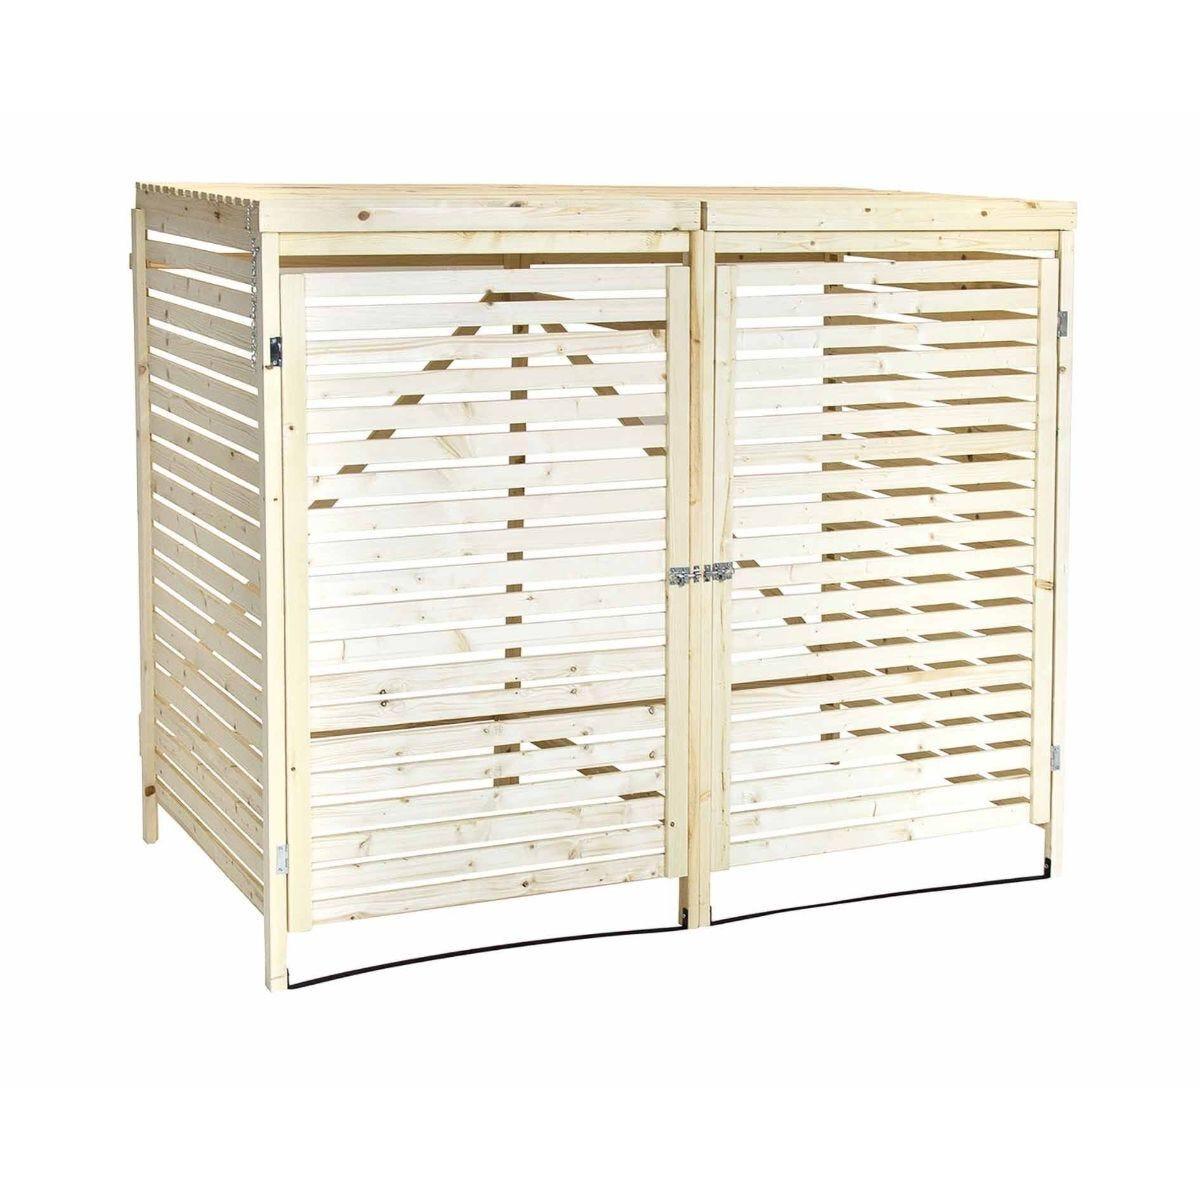 Charles Bentley Wooden Double Bin Store